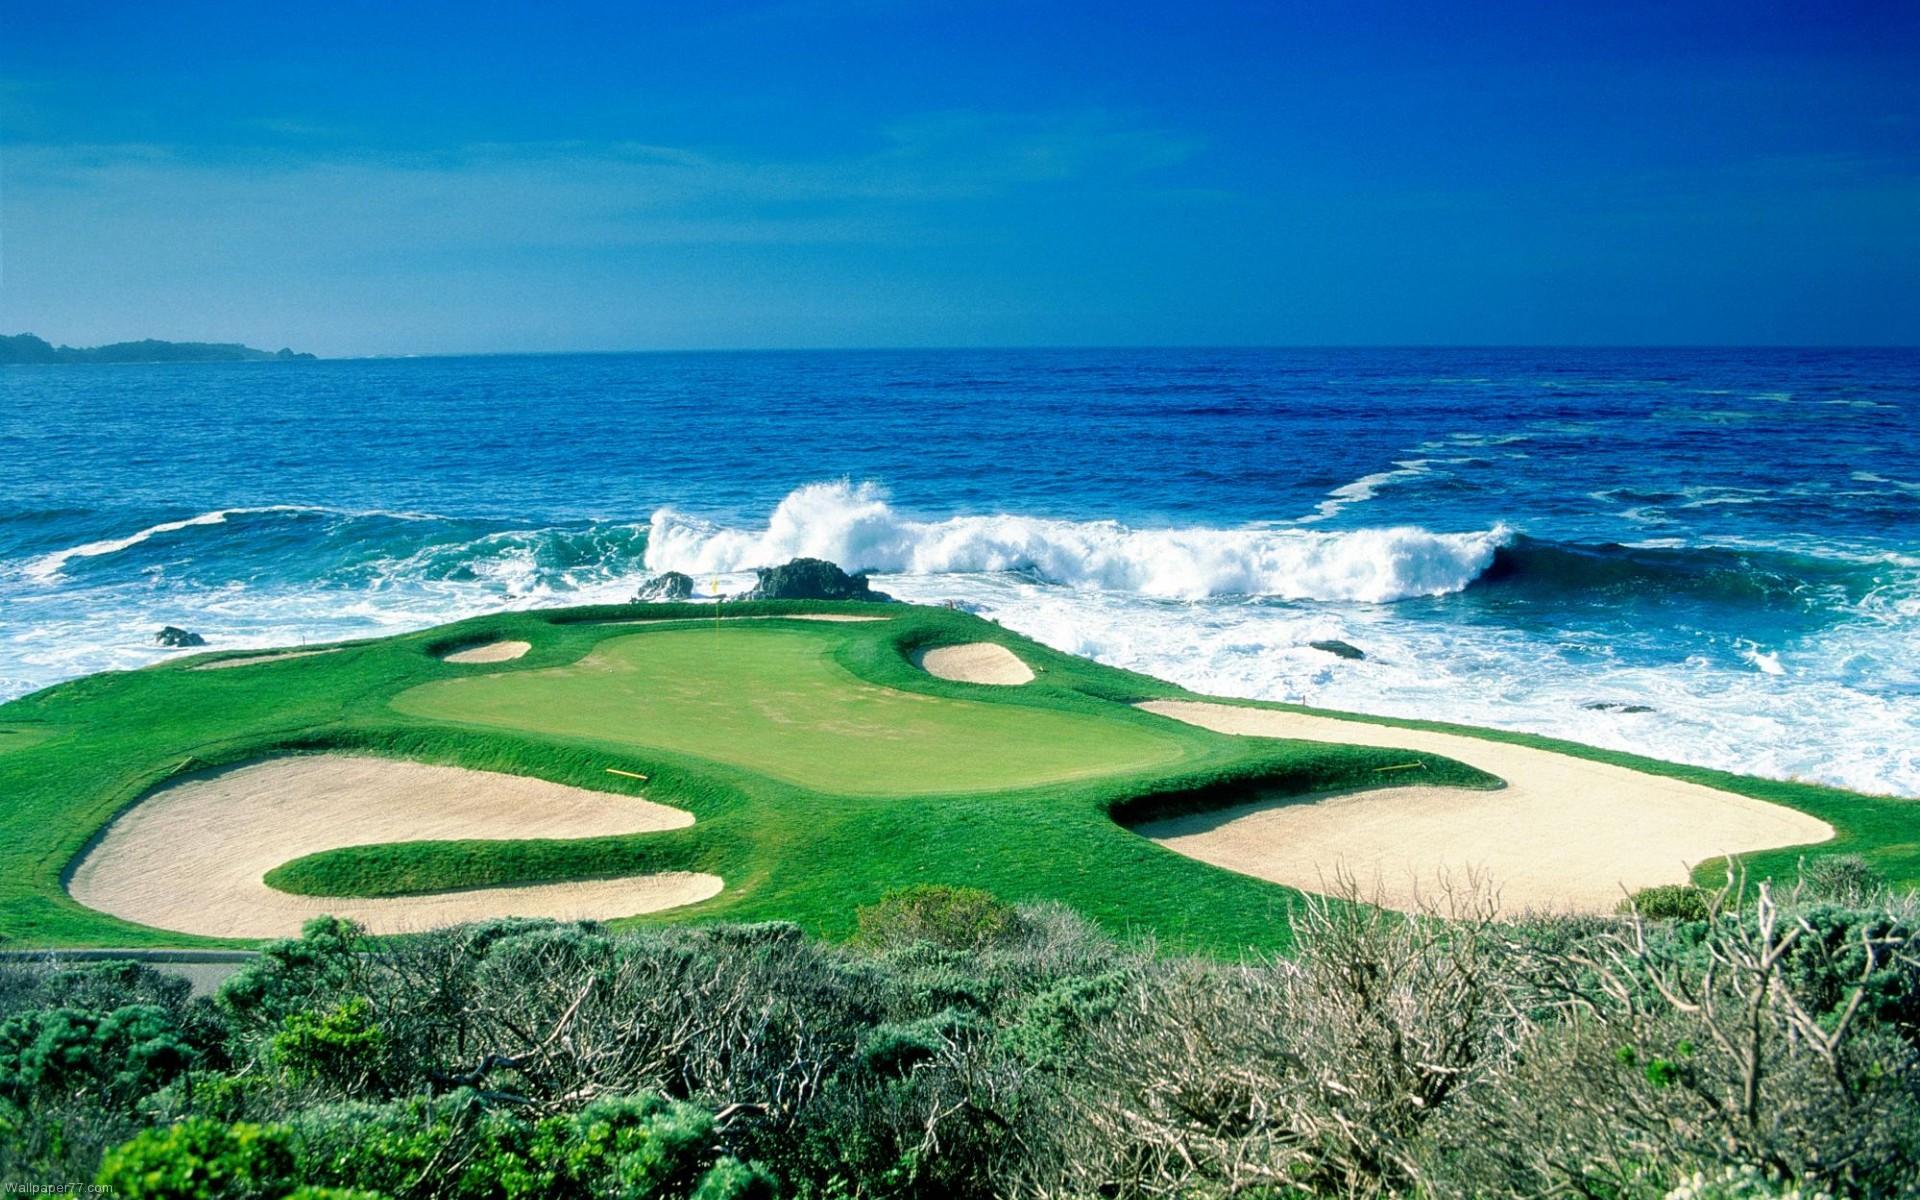 Beach Golf Lscape HD wallpapers 1920x1200